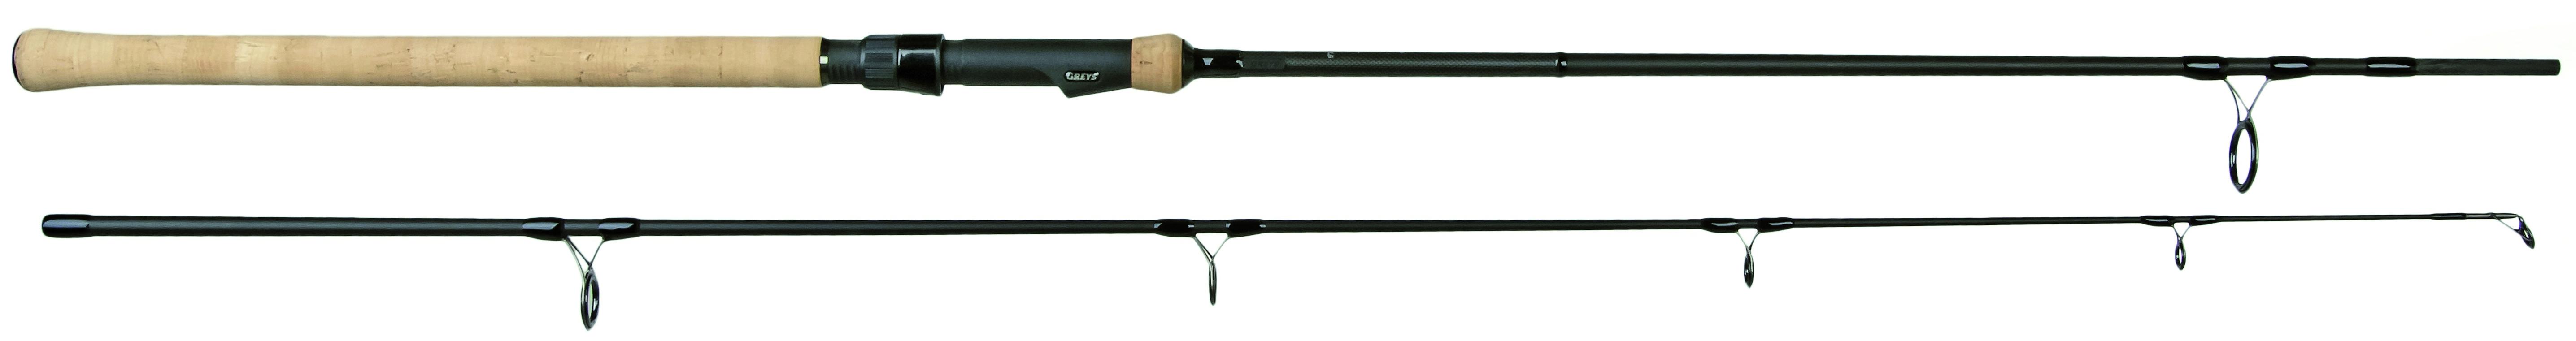 Greys Stalker Carp Rod Range Glasgow Angling Centre